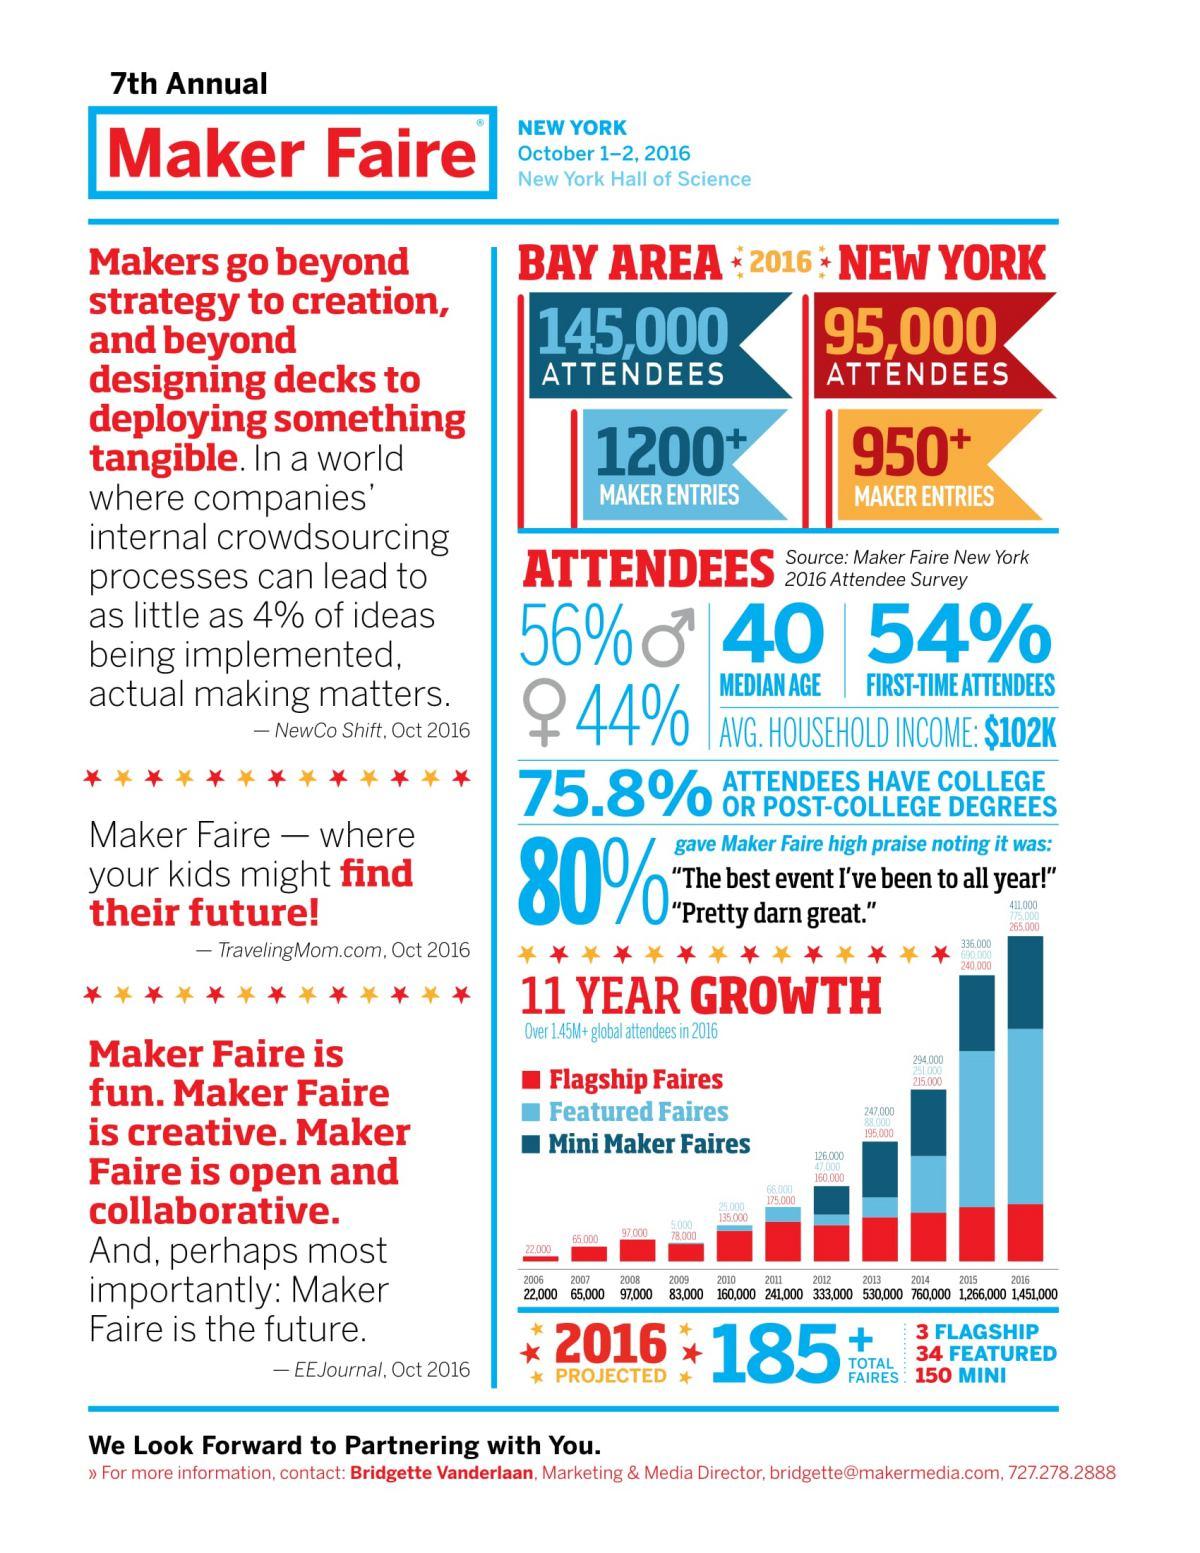 월드 메이커 페어 팩트 시트 ⓒ월드 메이커 페어